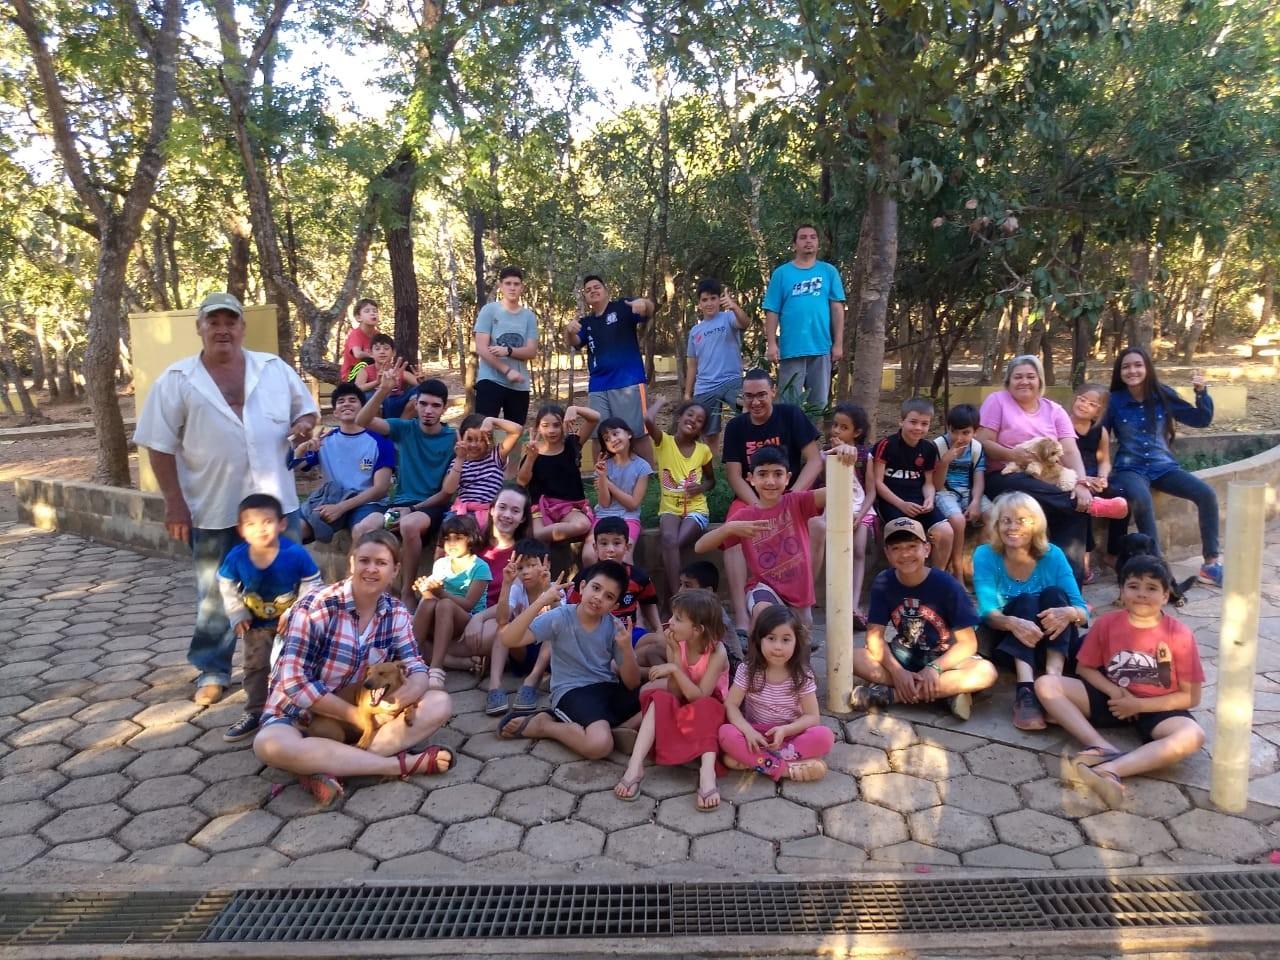 Espaço Aldeia e Acampamento Victória são alguns dos estabelecimentos que abriram espaço para as crianças durante as férias escolares (Foto: Divulgação)